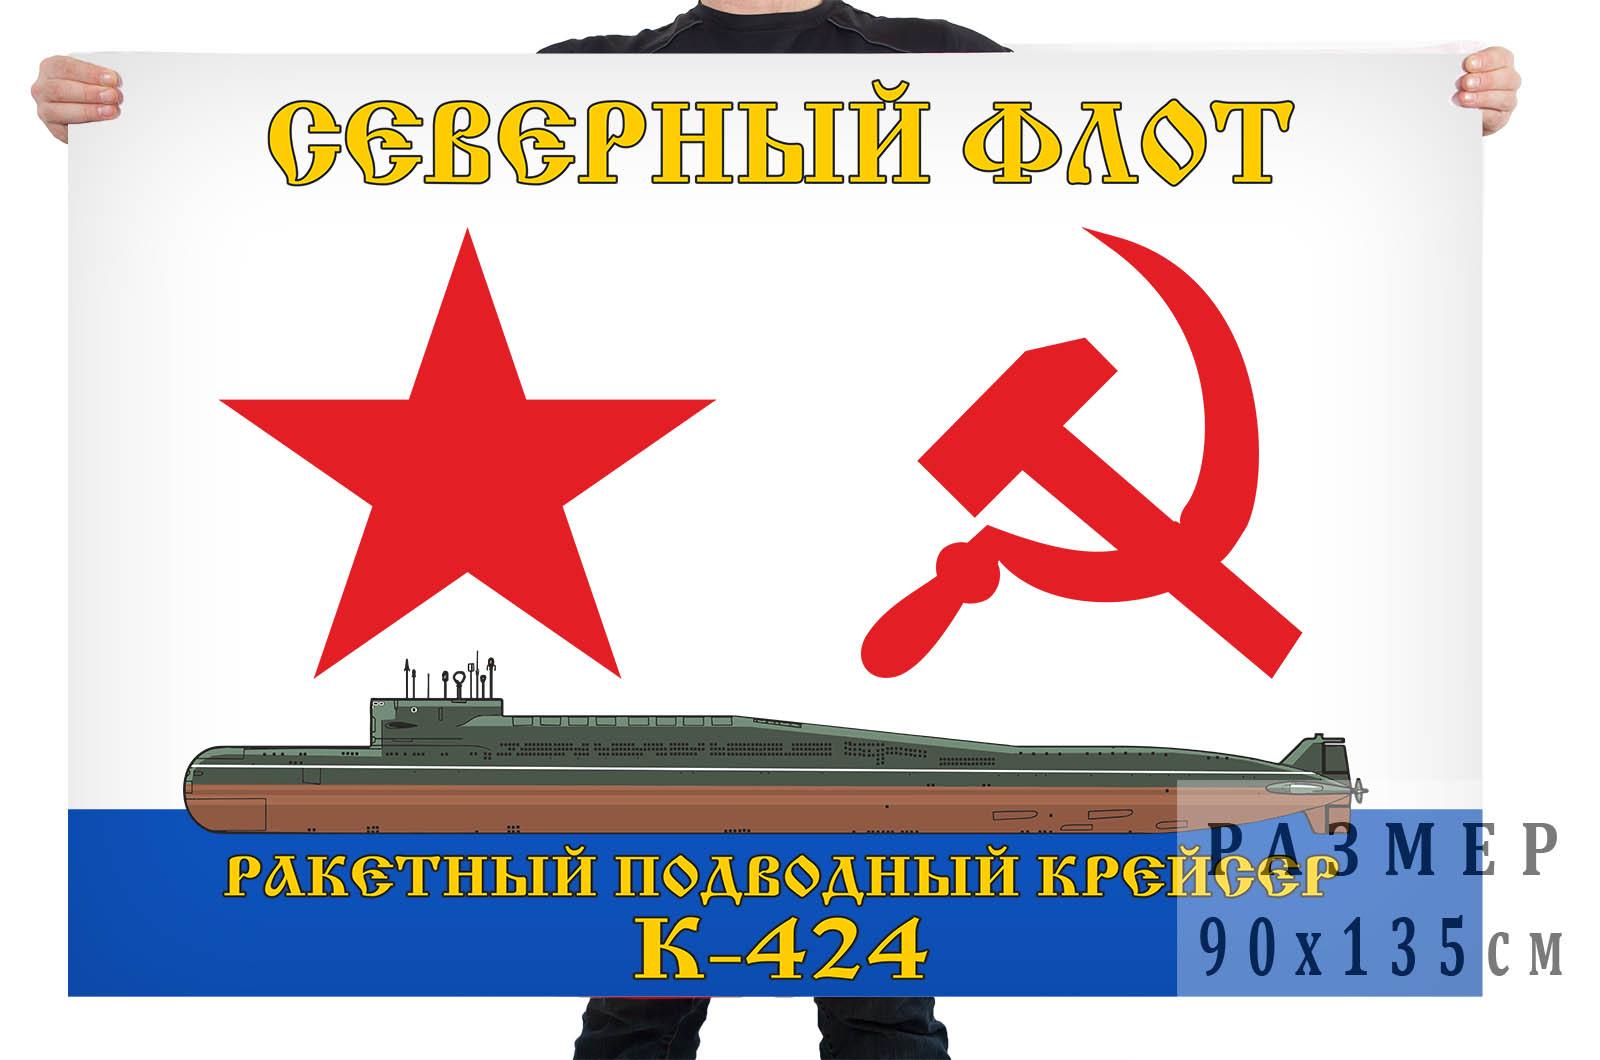 Флаг ракетного подводного крейсера К-424